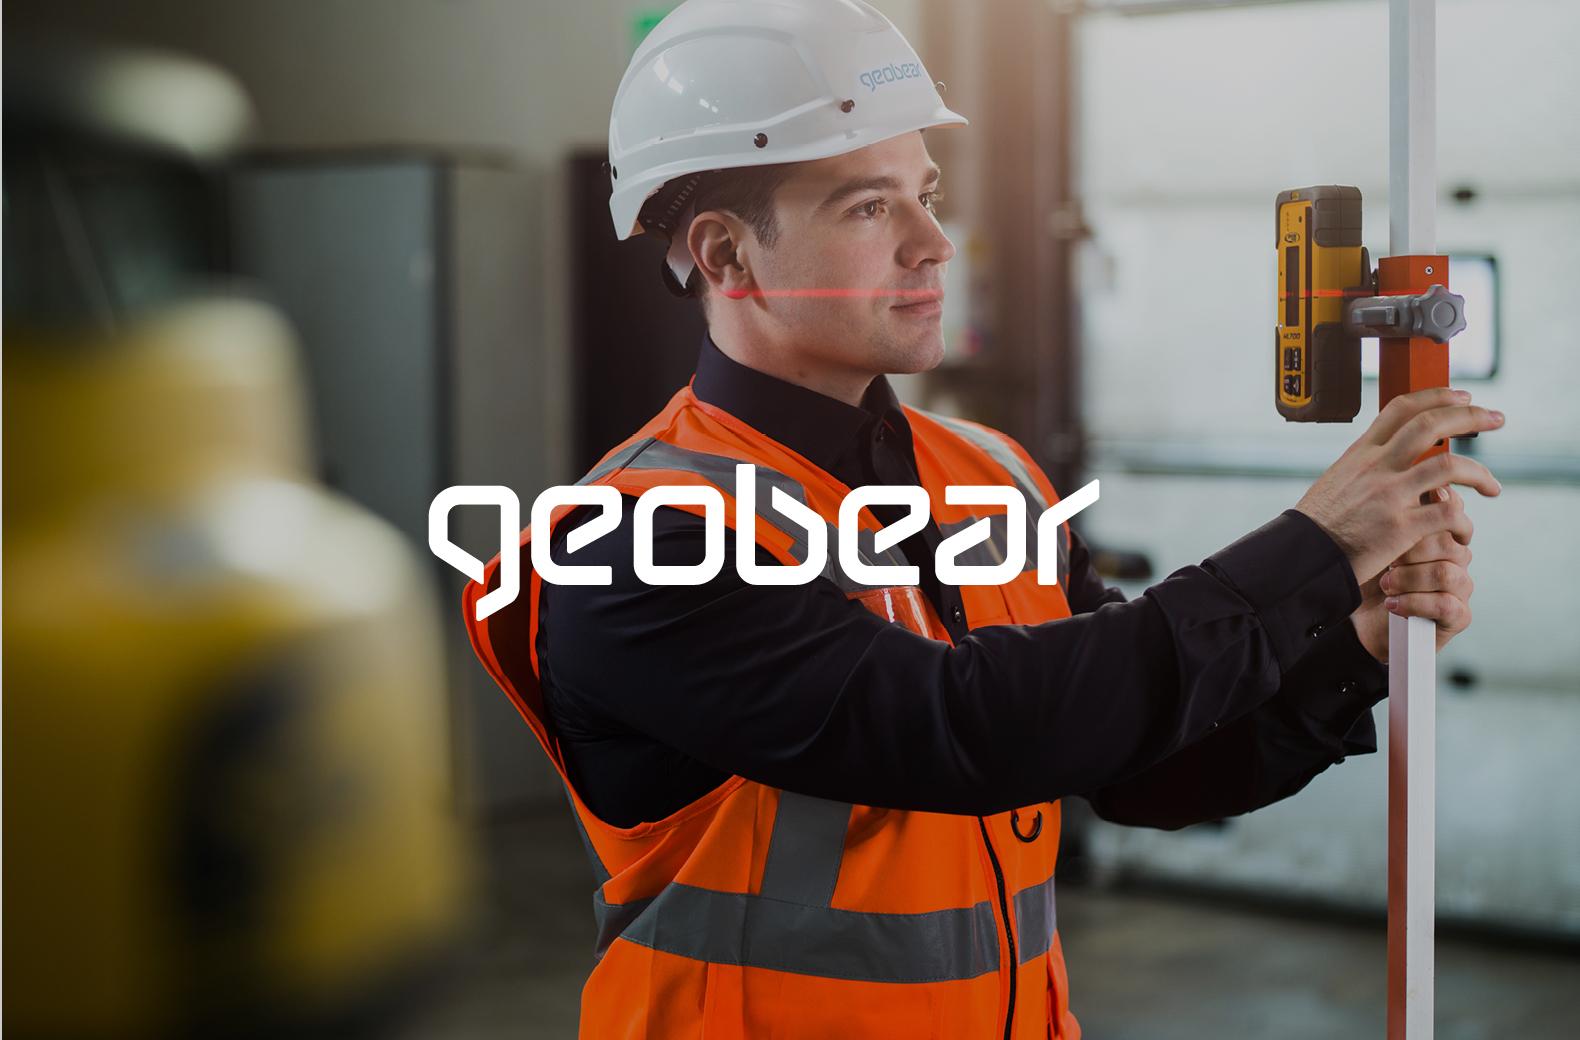 Geobear_web3.jpg